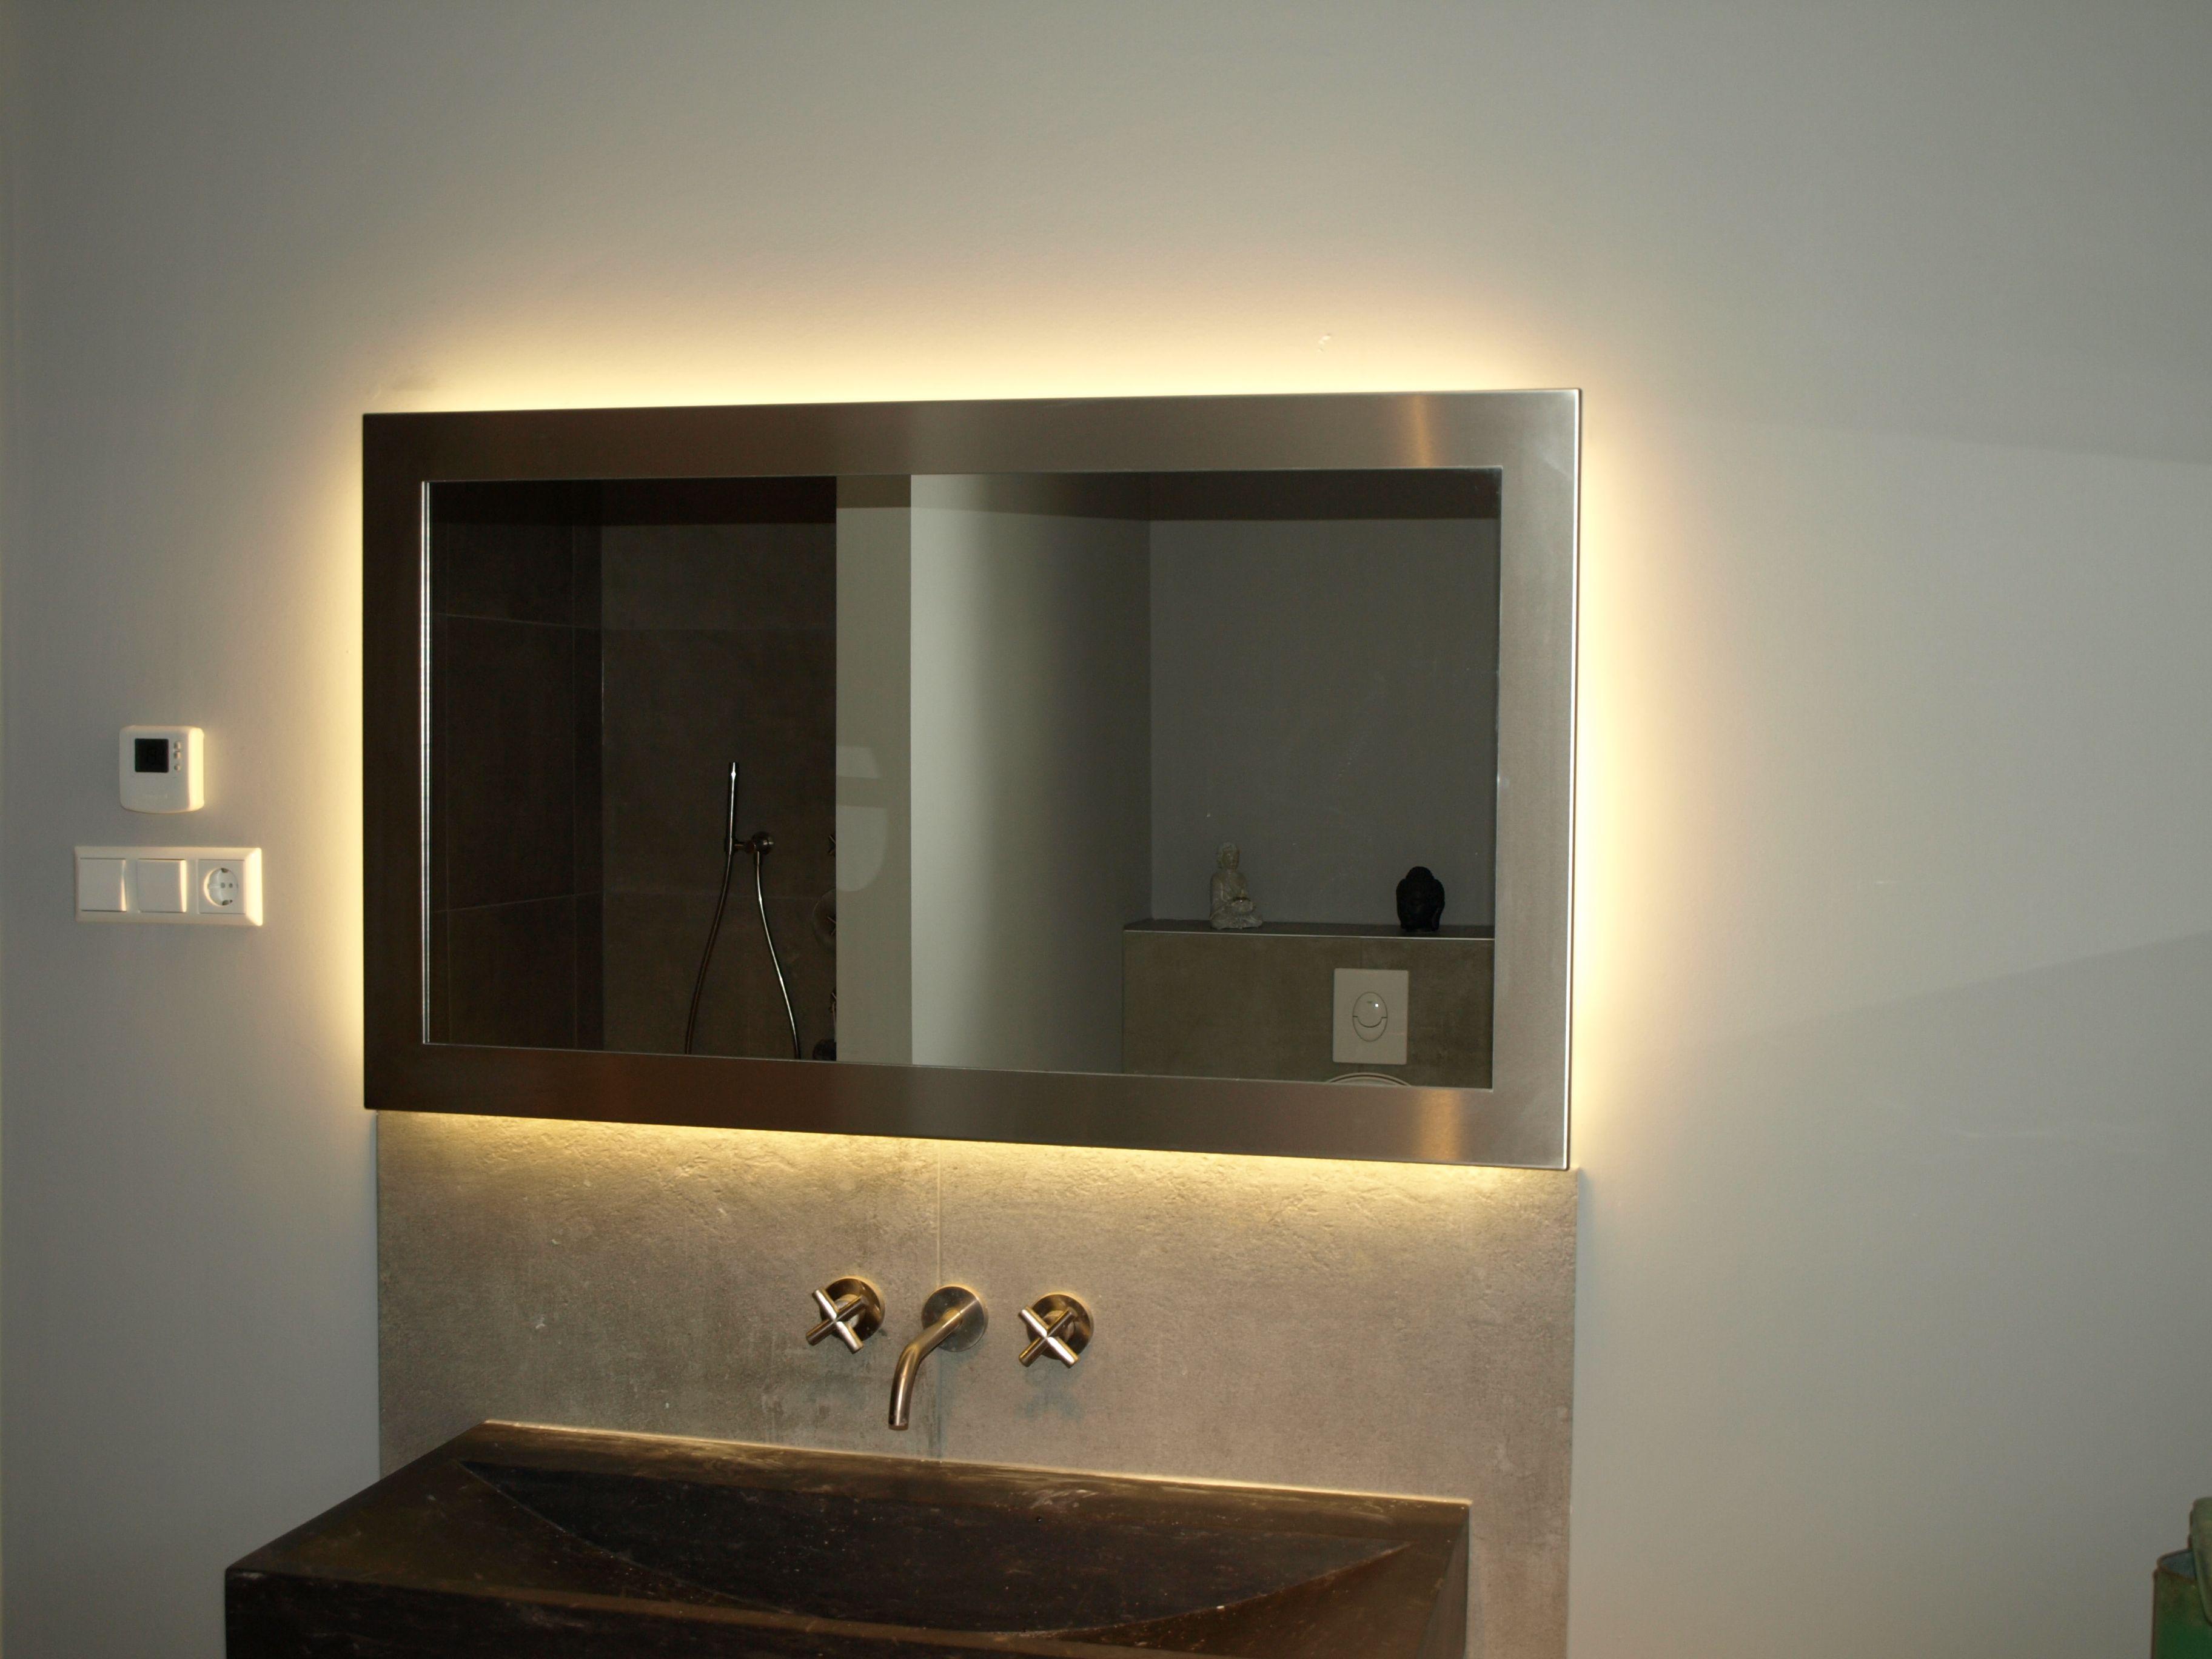 maatwerk spiegel met geborstelde rvs lijst voorzien van led verlichting en spiegelverwarming